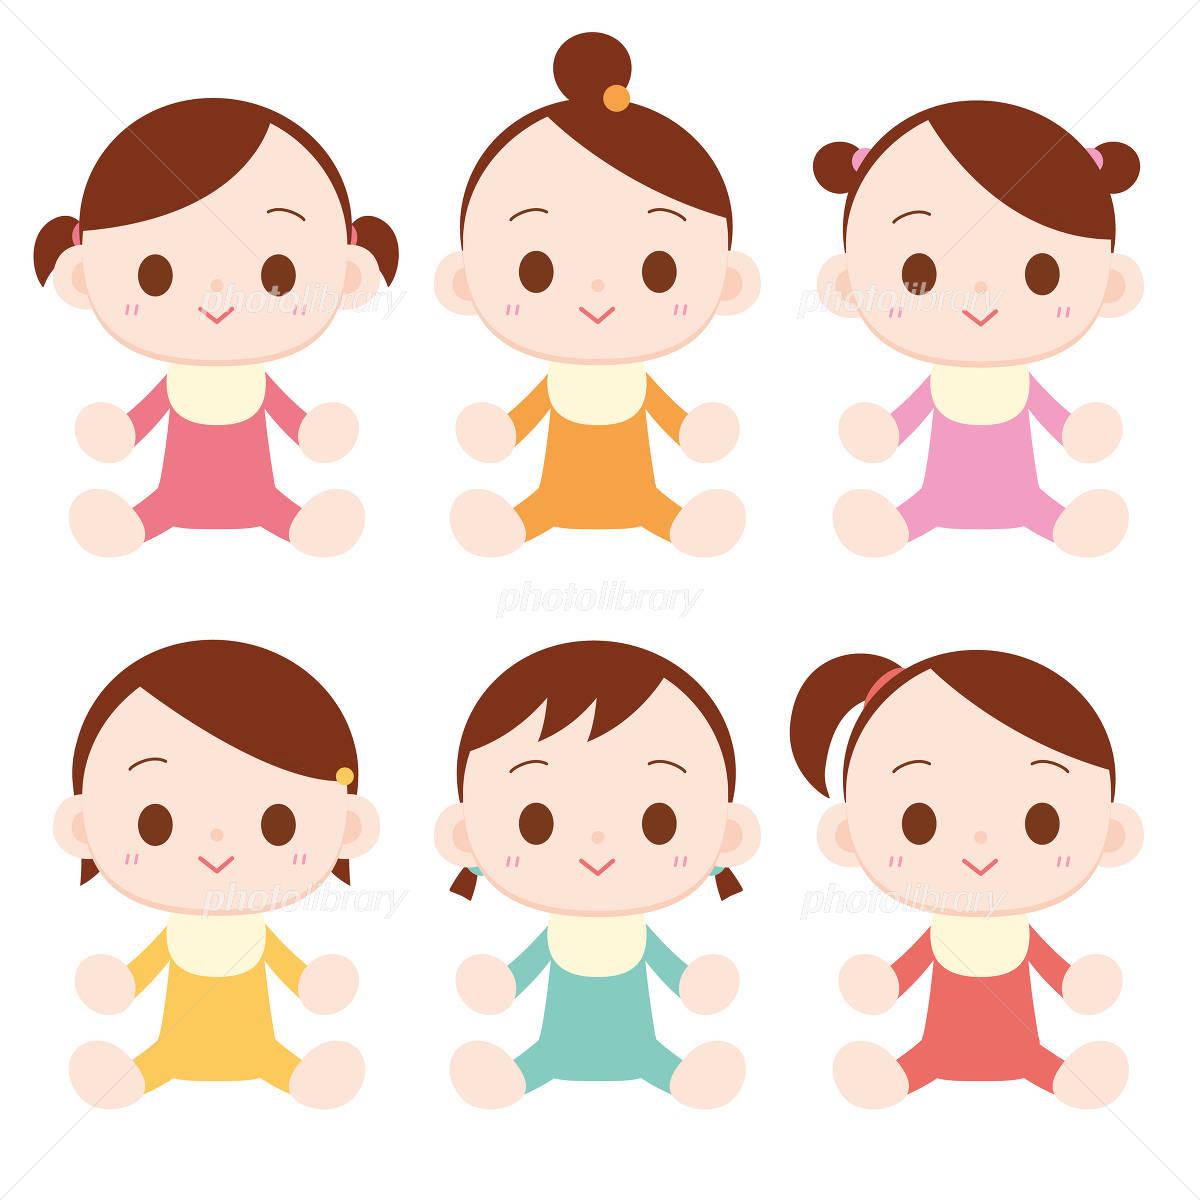 赤ちゃん 女の子 6人 イラスト素材 1225281 フォトライブラリー